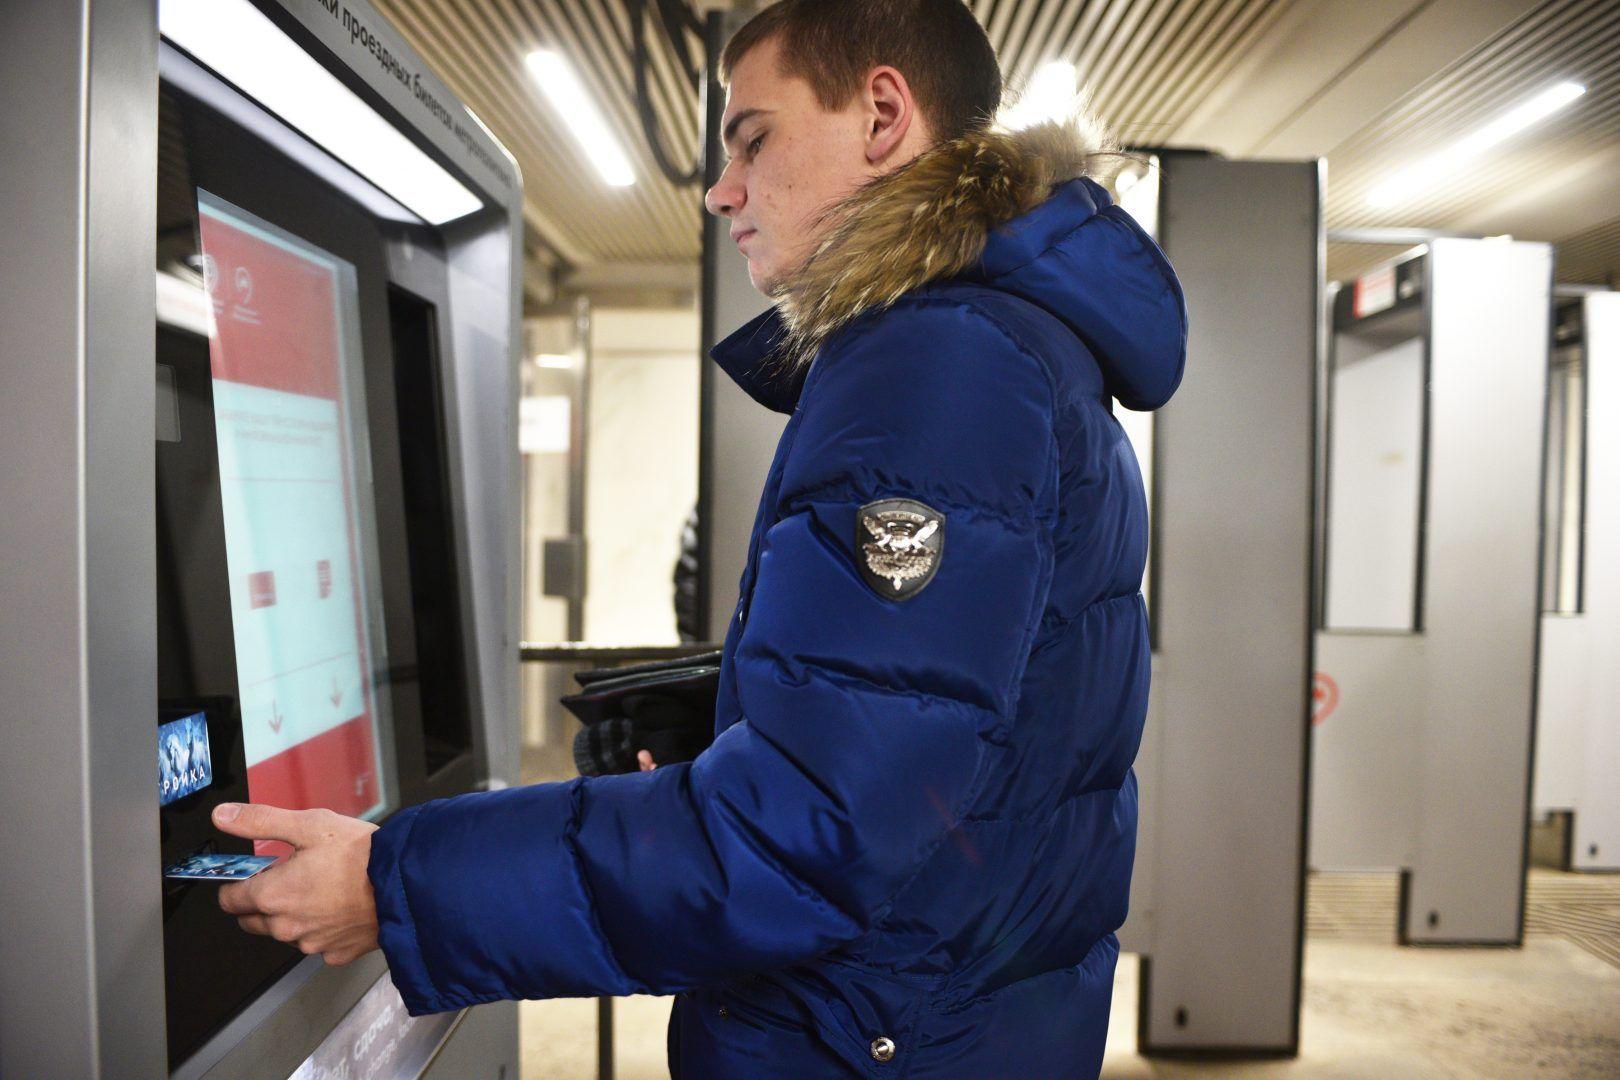 Пассажиры смогут пользоваться автоматами по продаже билетов в метро и на МЦК. Фото: Пелагия Замятина